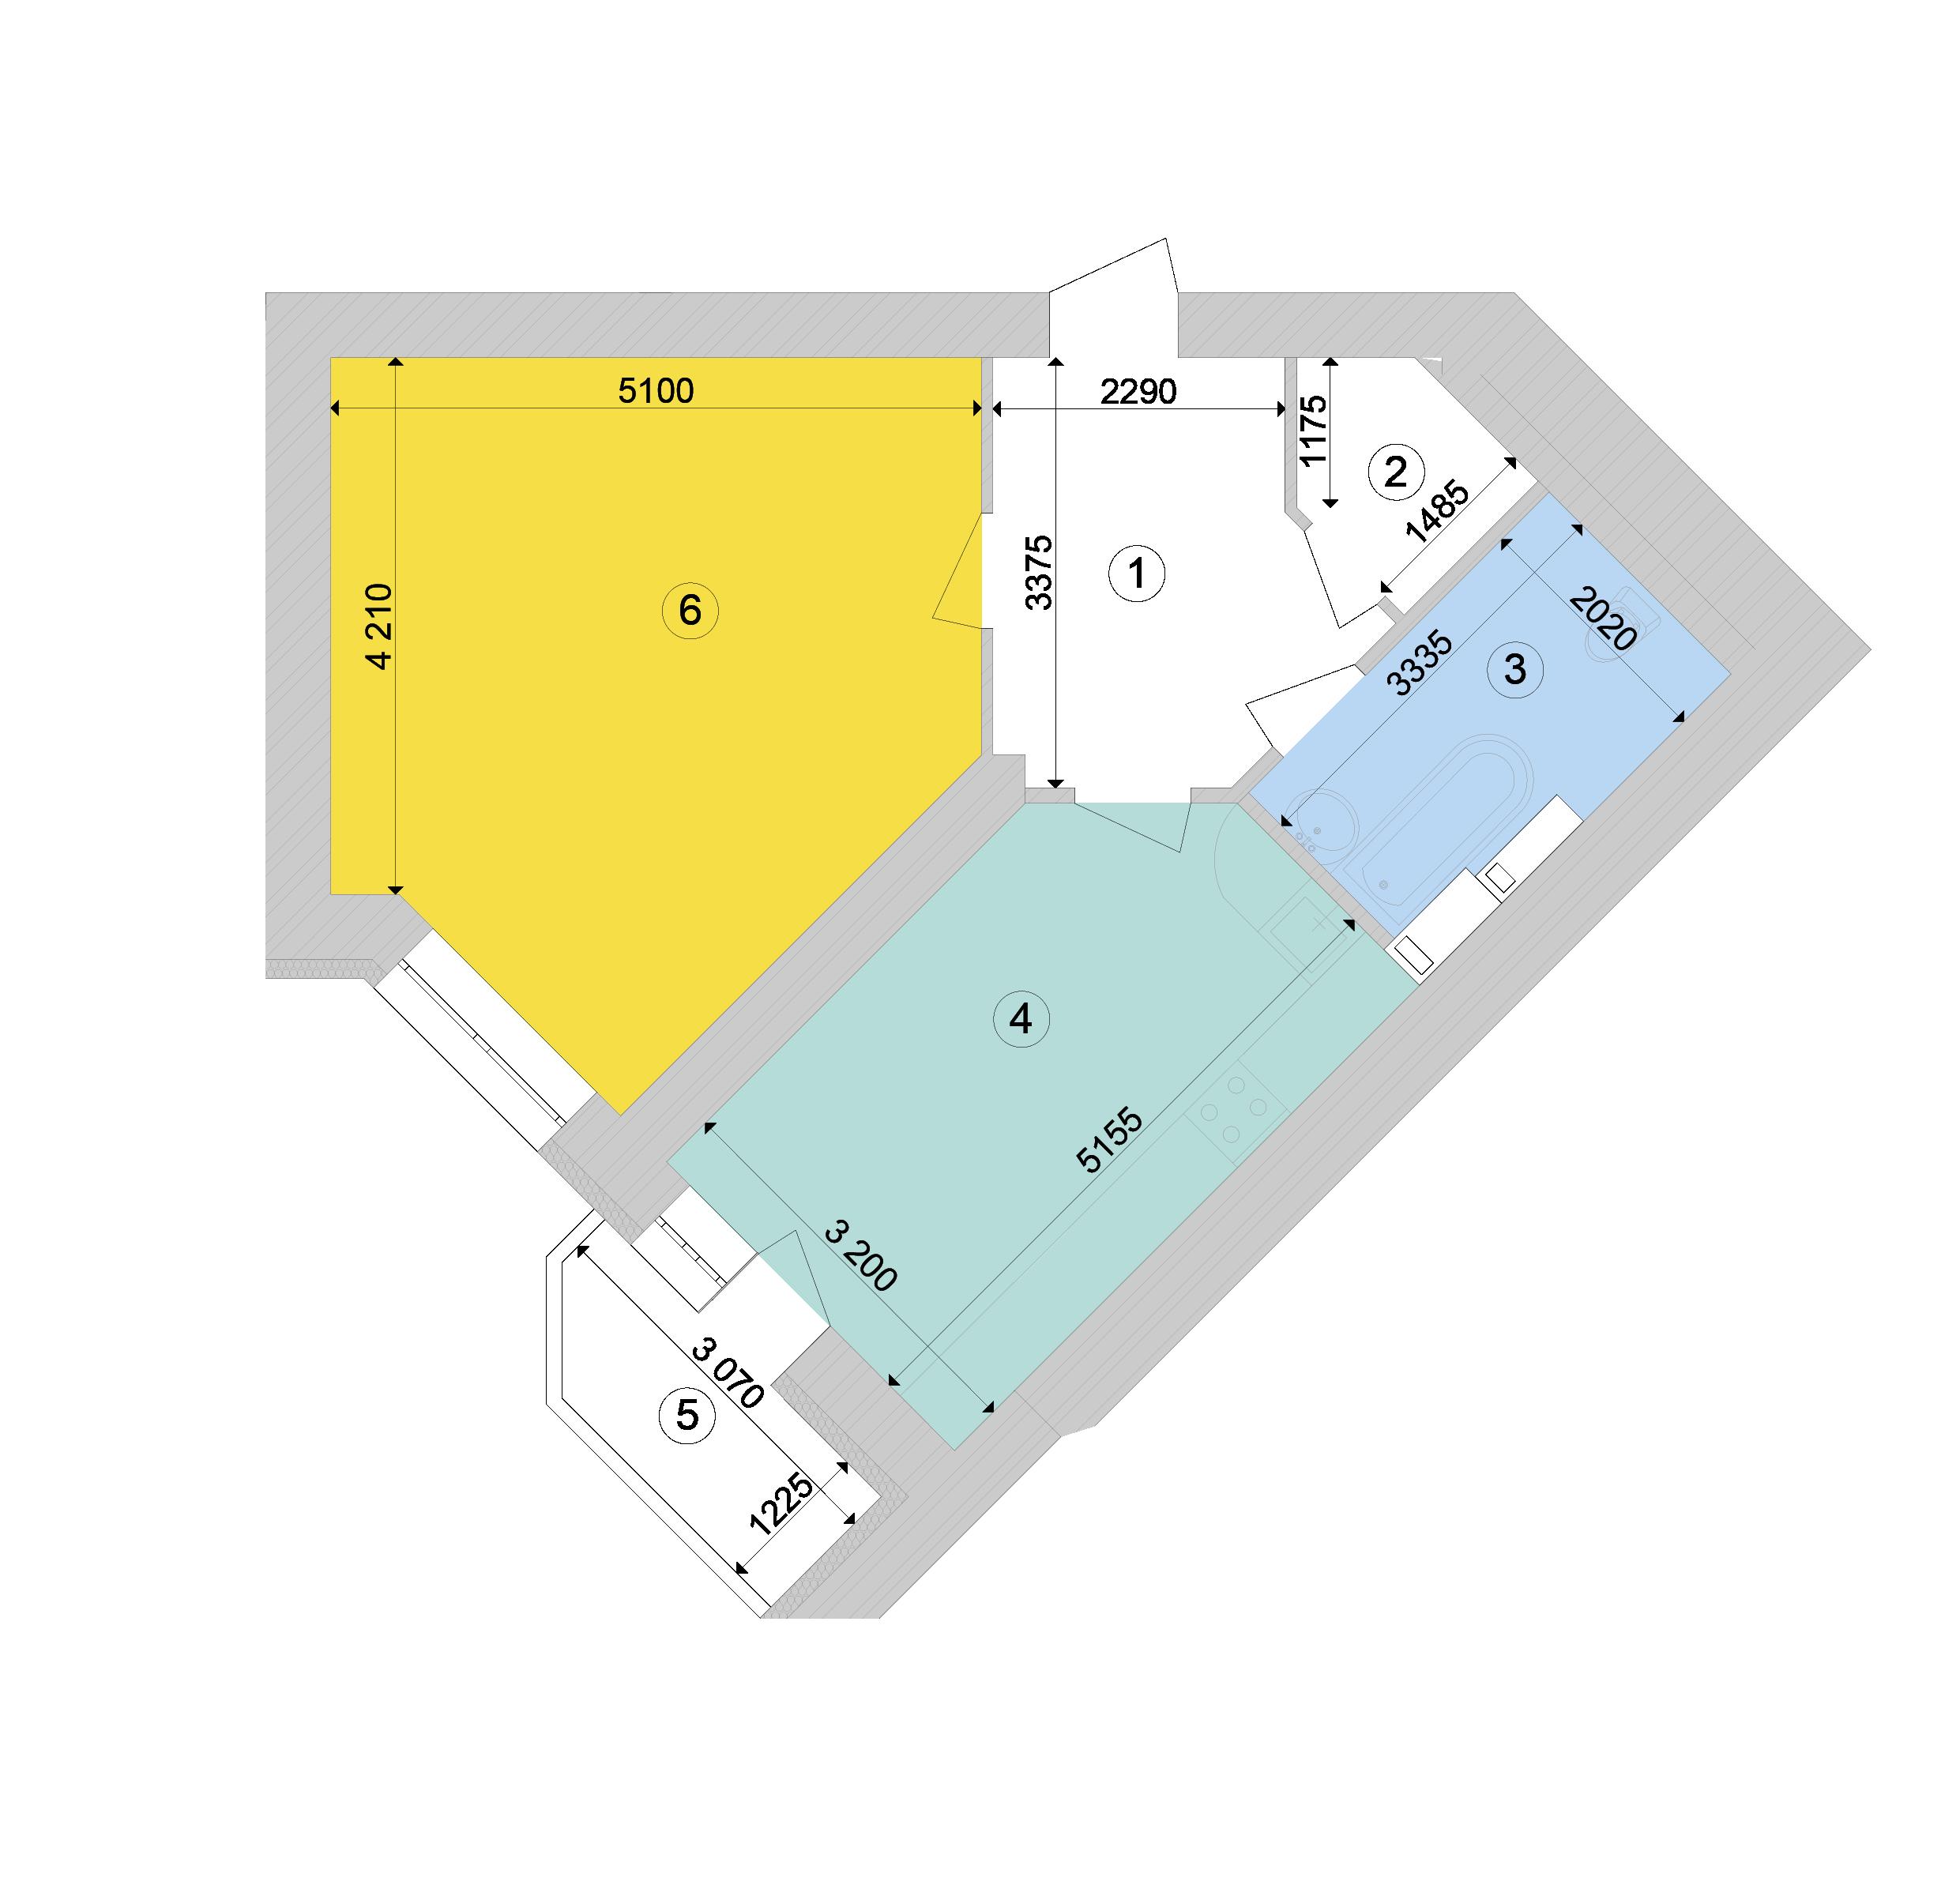 Купити Однокімнатна квартира 56,56 кв.м., тип 1.4, будинок 1, секція 9 в Києві Голосіївський район